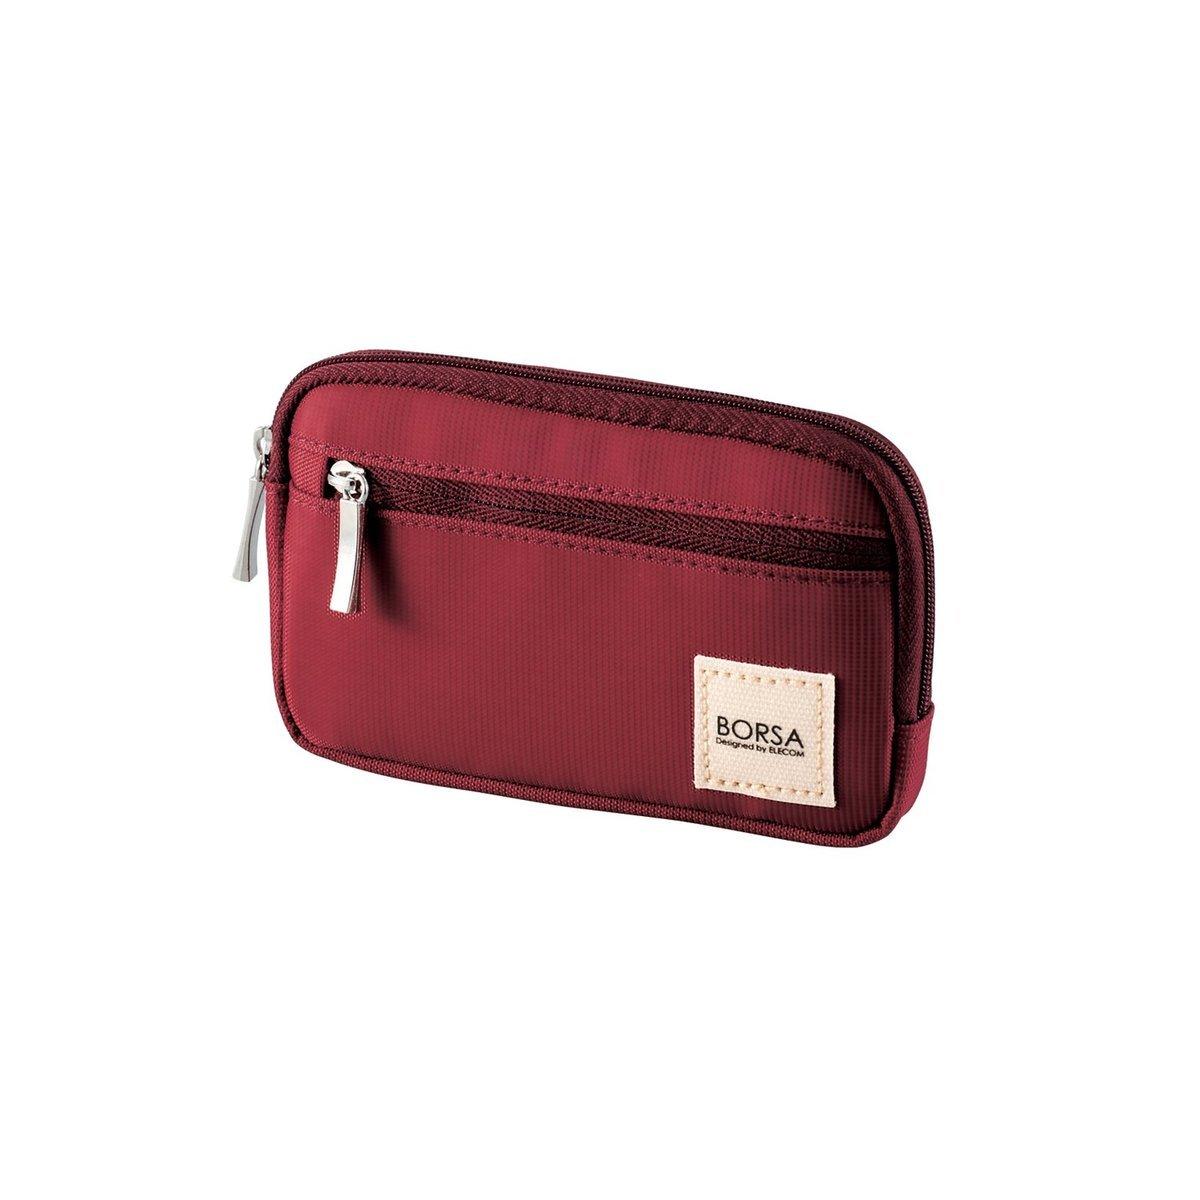 輕巧型收納袋(紅色)